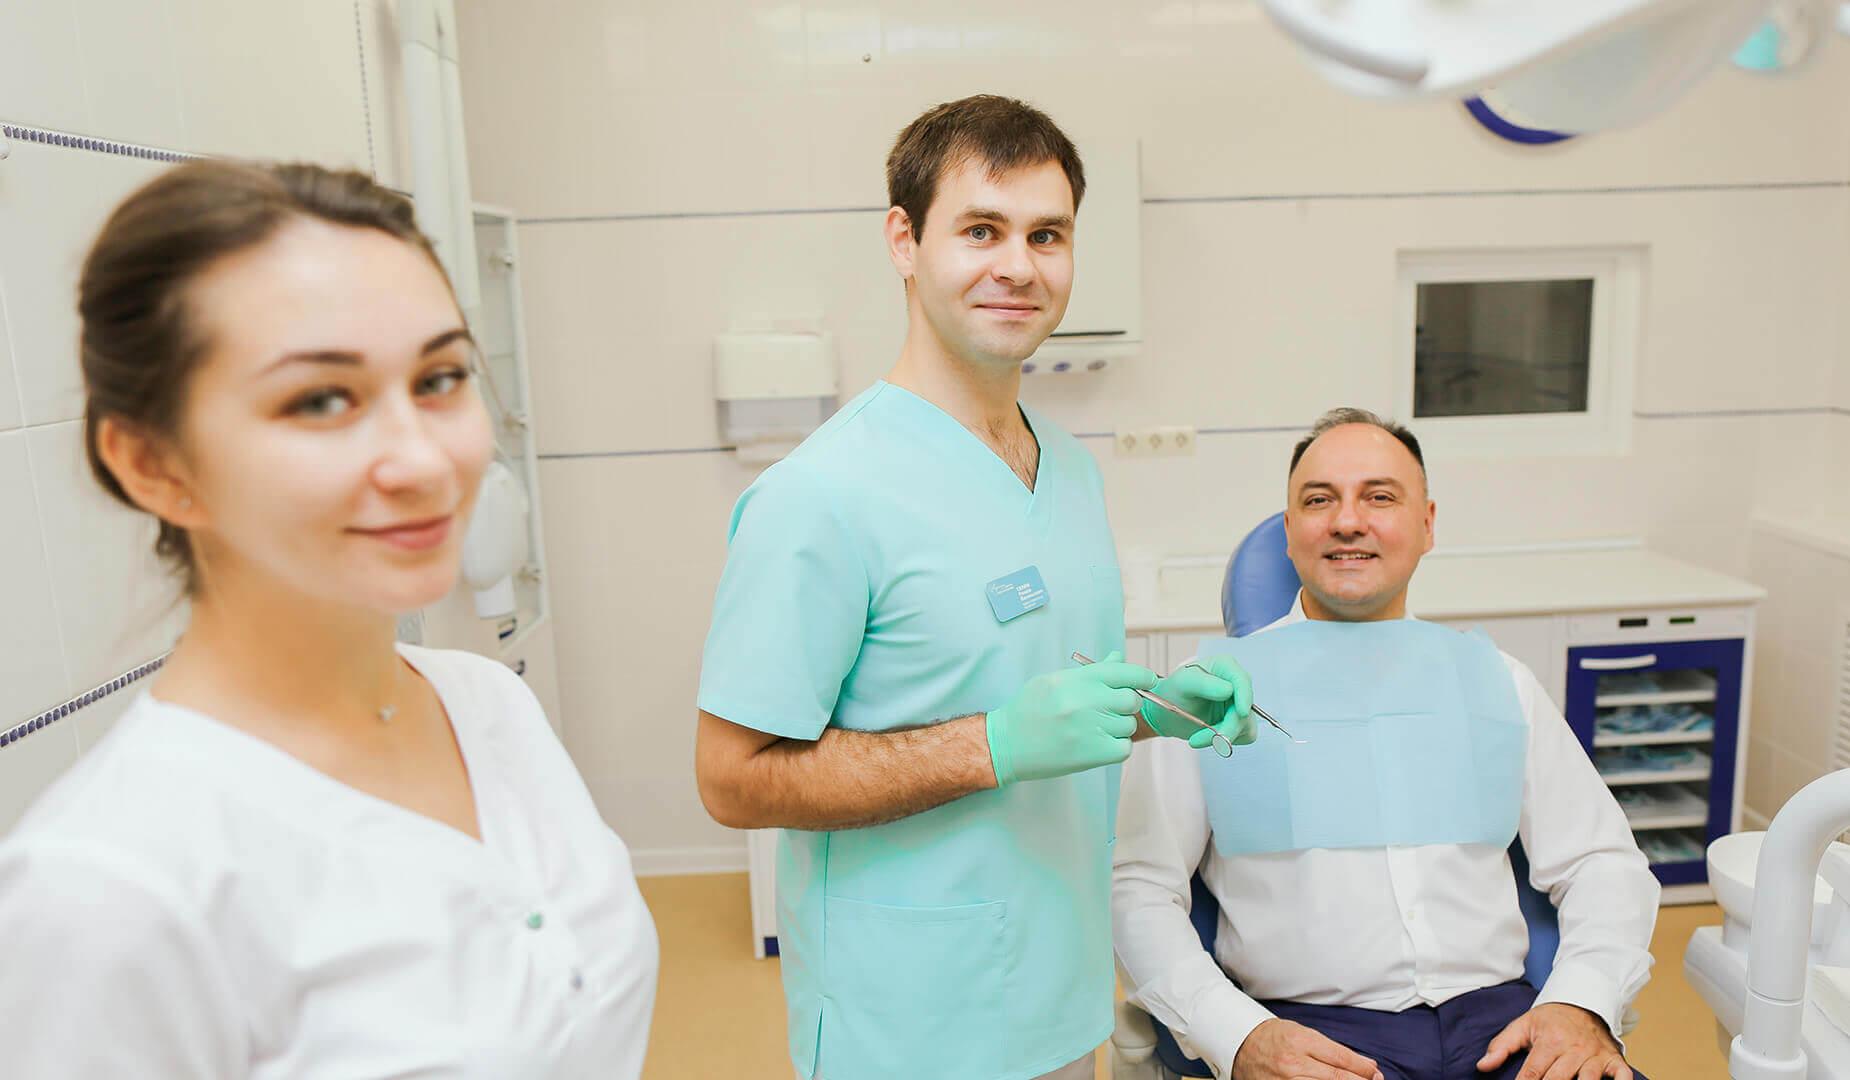 Врач приступает к осмотру пациента